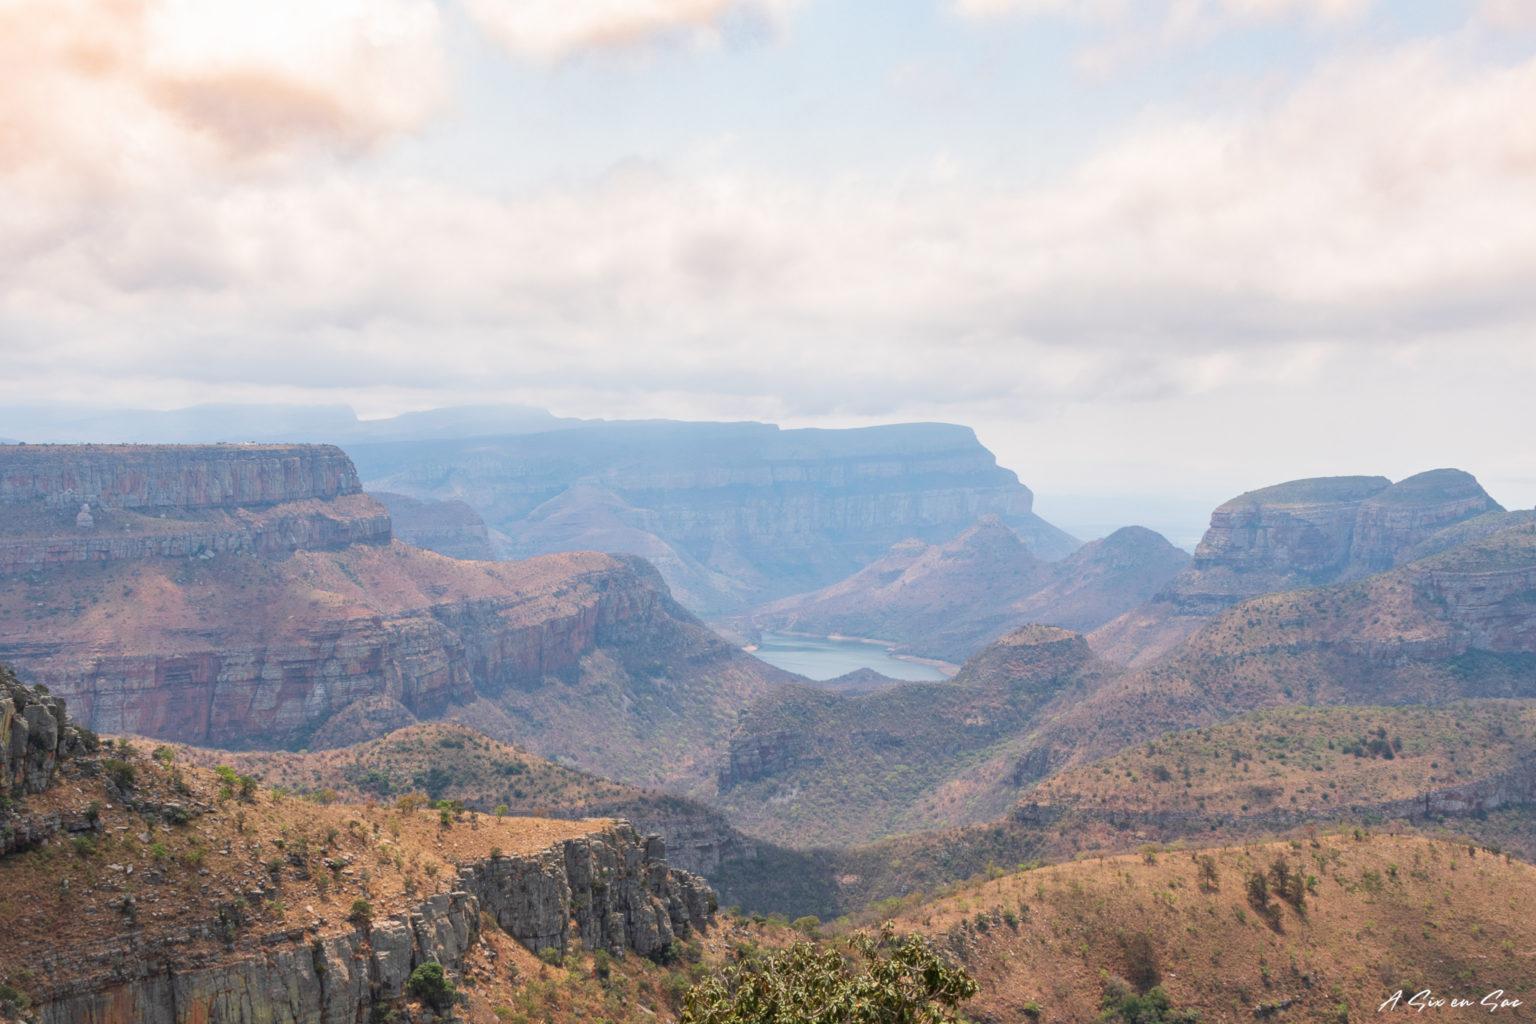 Le Blyde river canyon vue depuis Lowveld View dans la province du Mpumalanga aux portes du parc Kruger